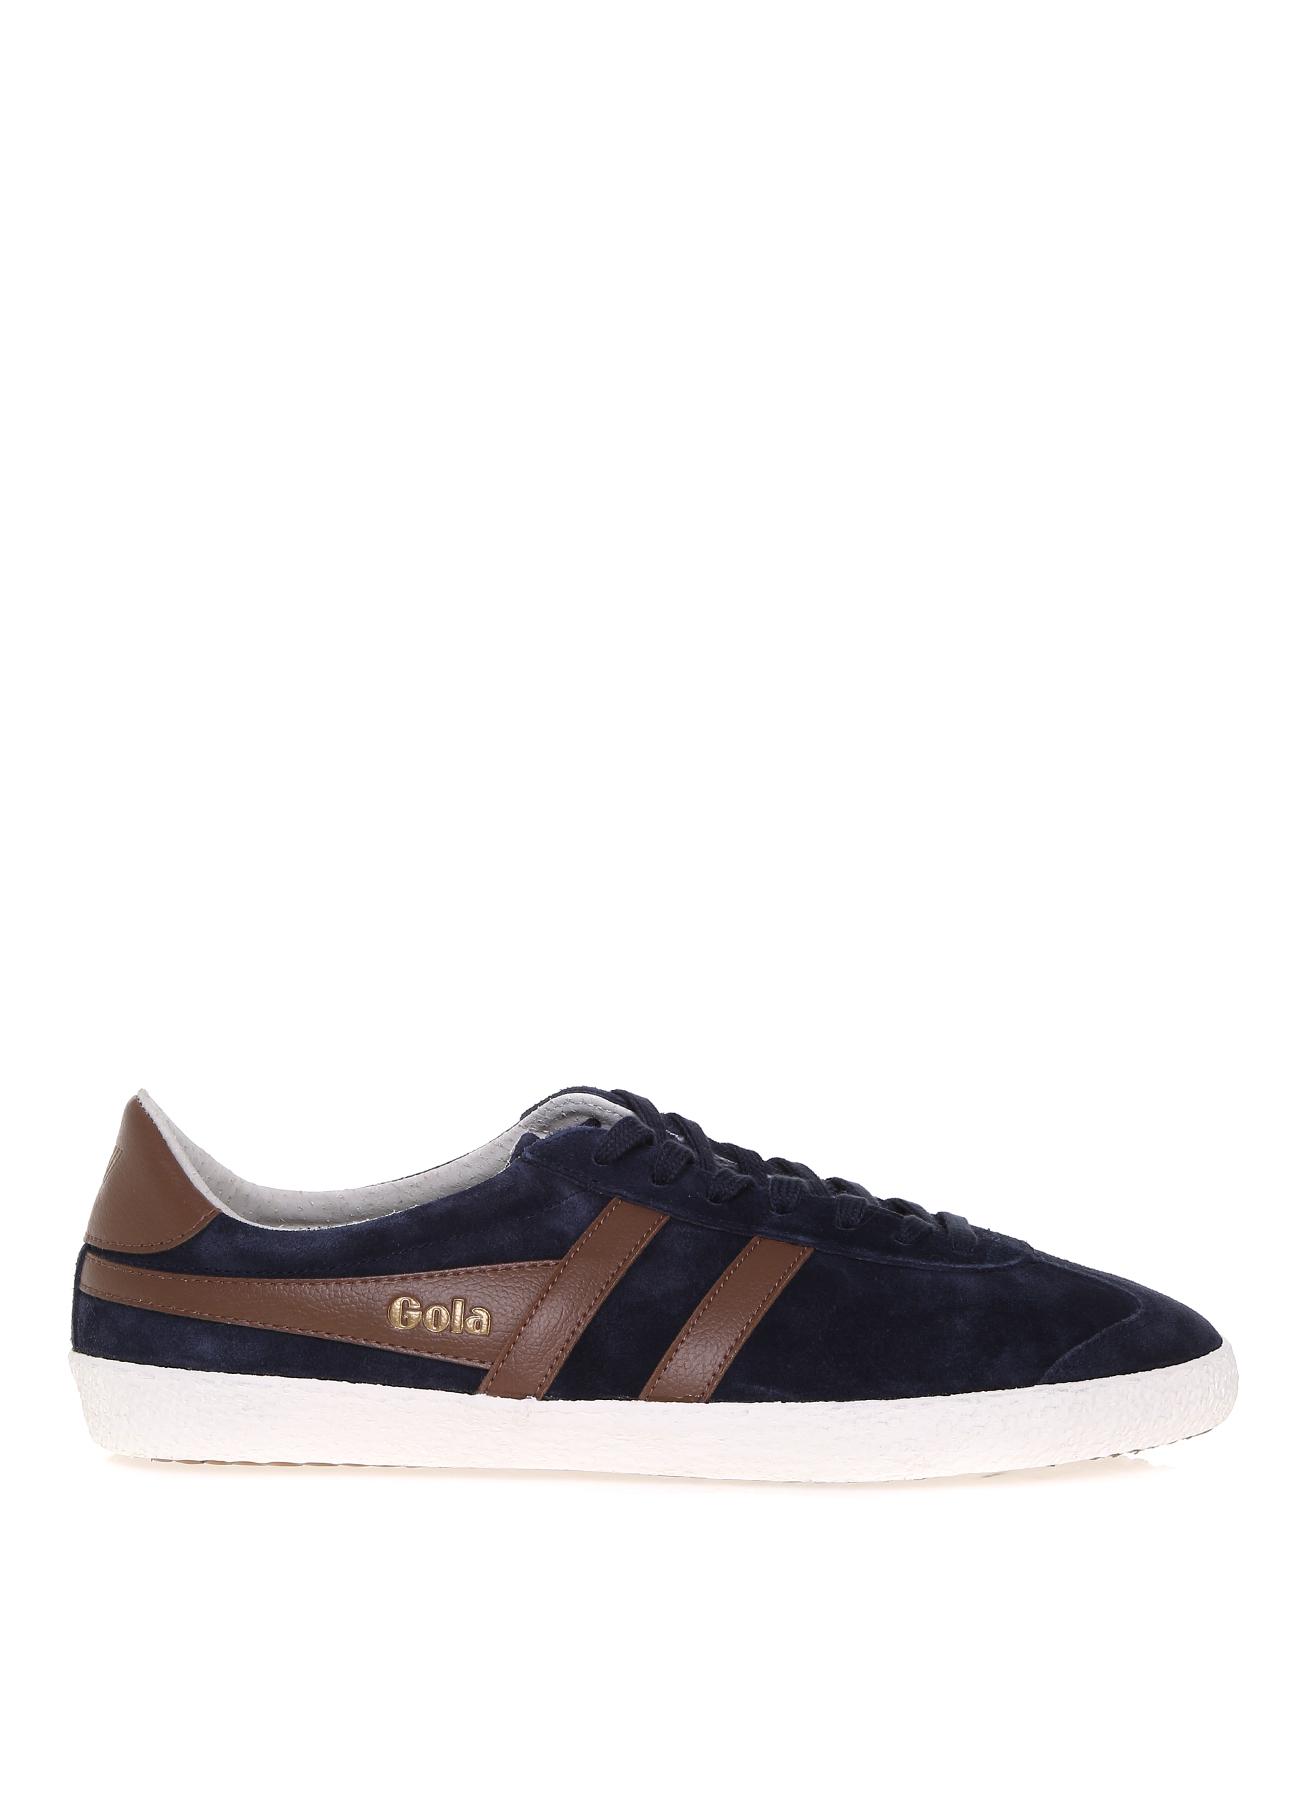 Gola Lifestyle Ayakkabı 46 5002362427006 Ürün Resmi